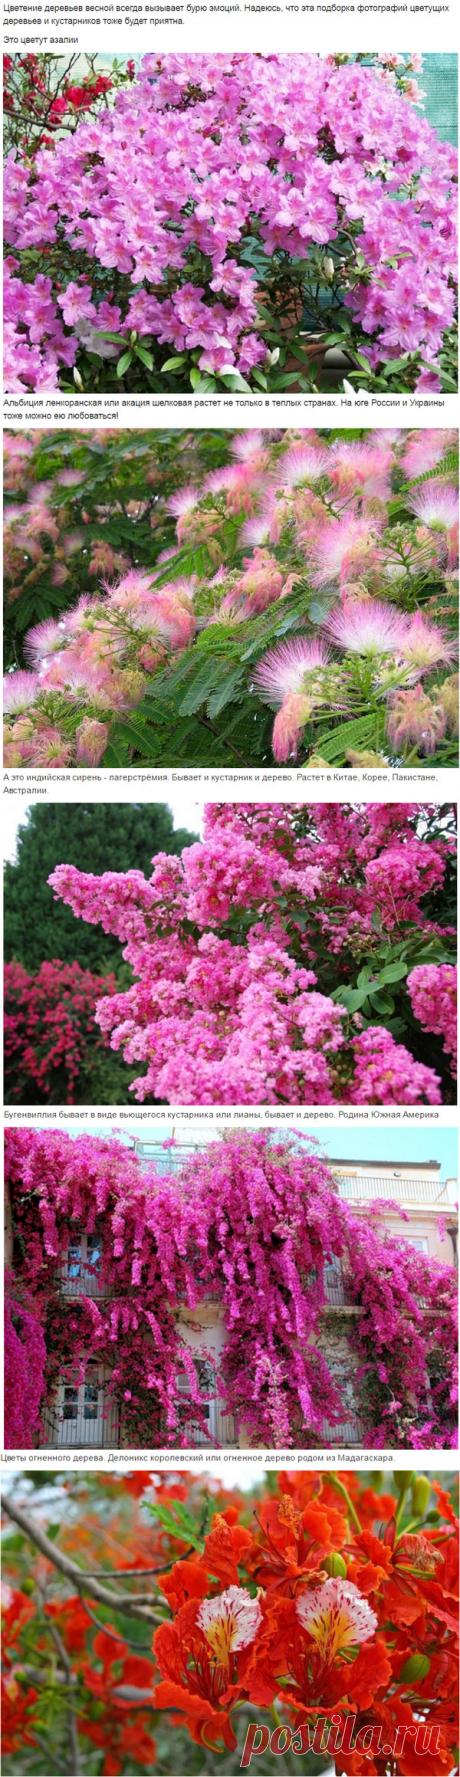 Цветущие деревья - Сундучок интересов - Группы Мой Мир